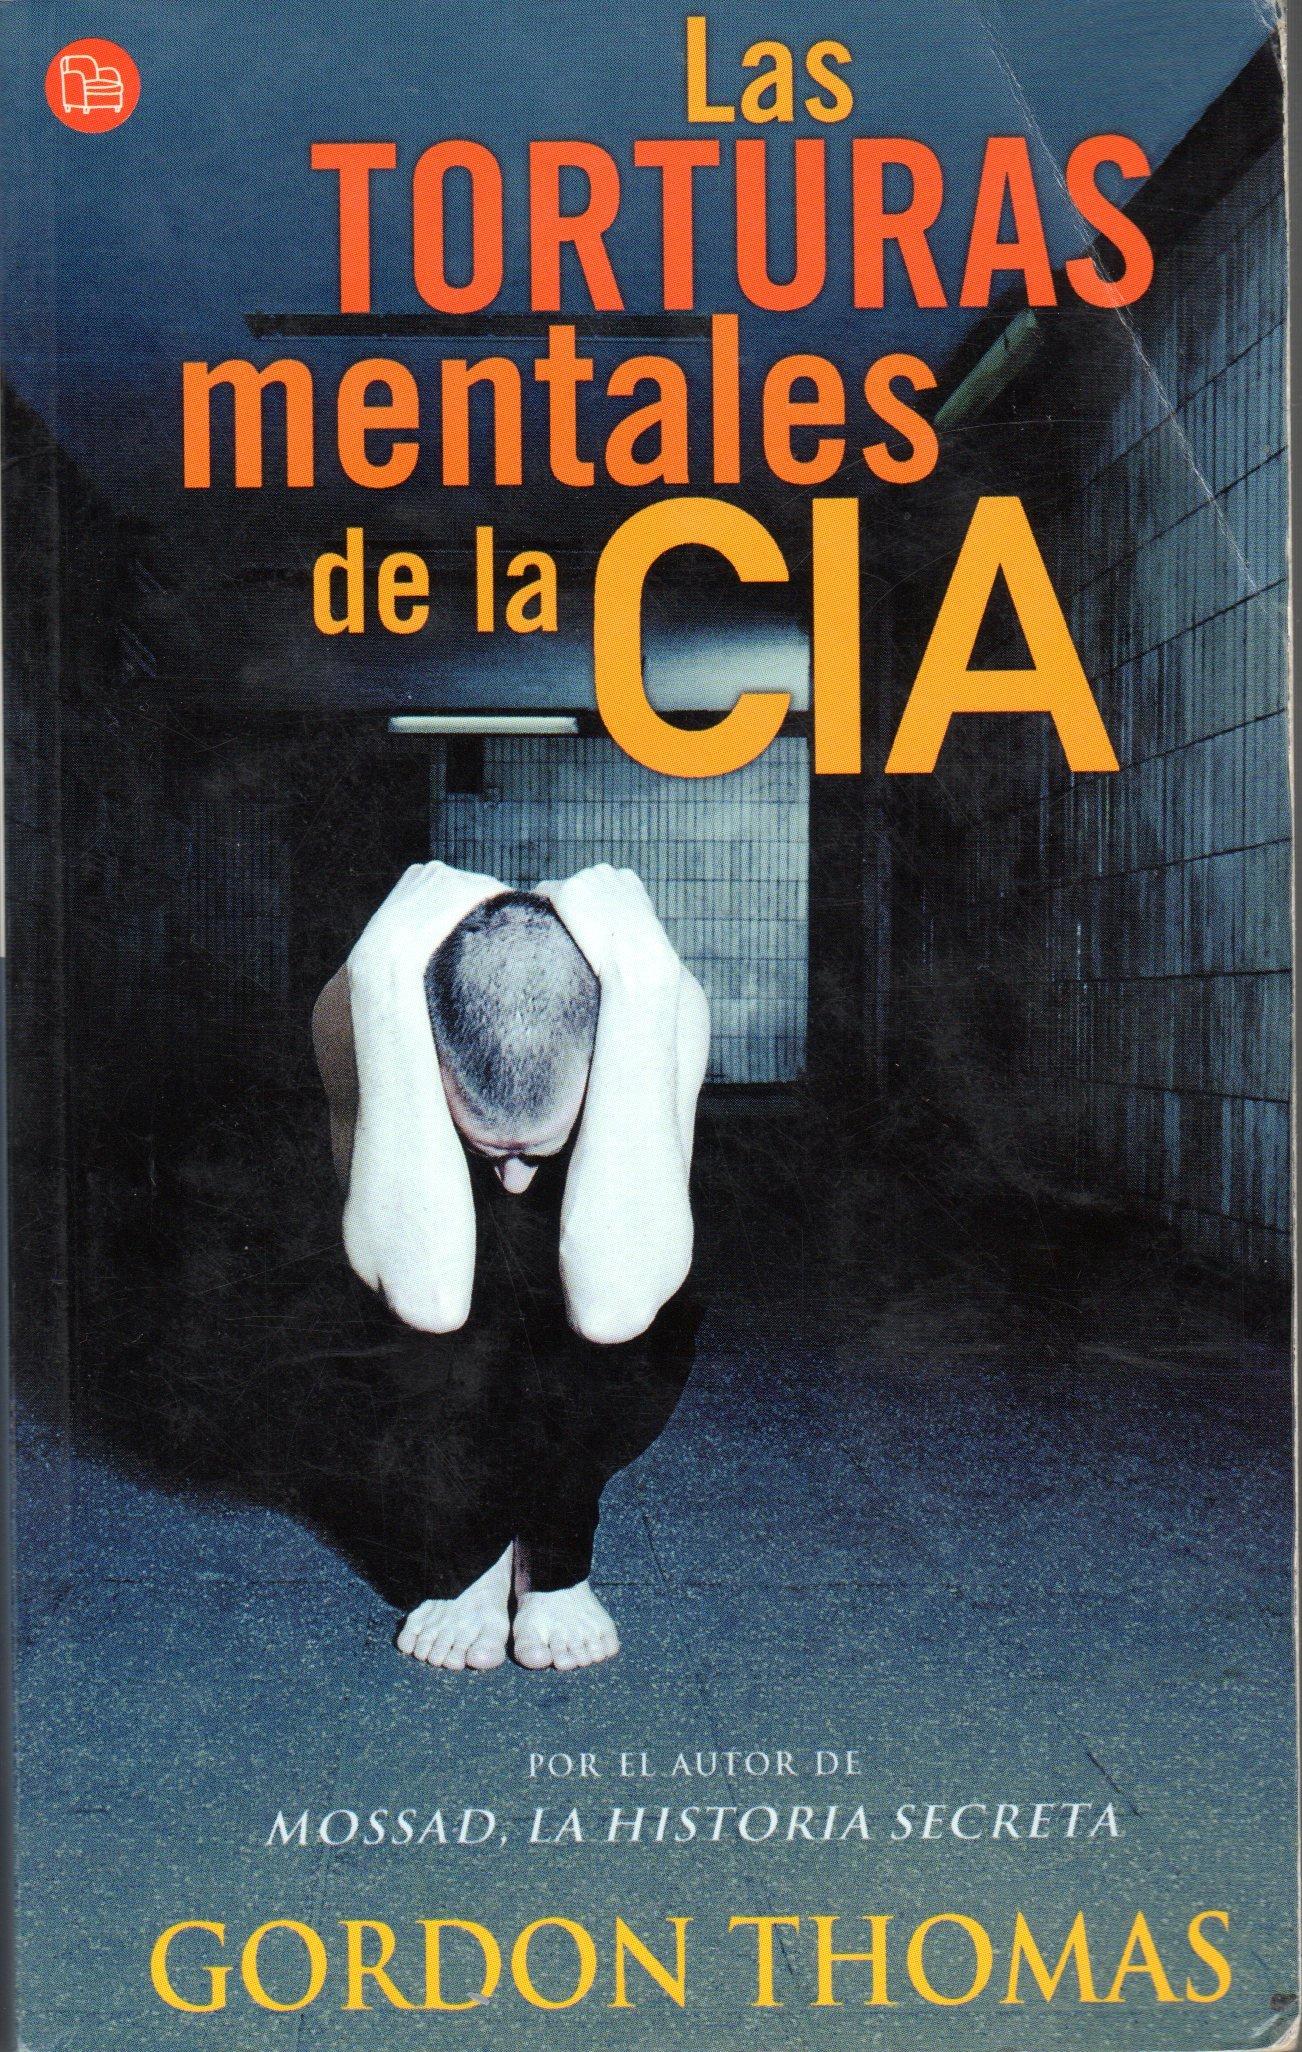 Las torturas mentales de la CIA (Punto De Lectura) (Spanish Edition) ebook